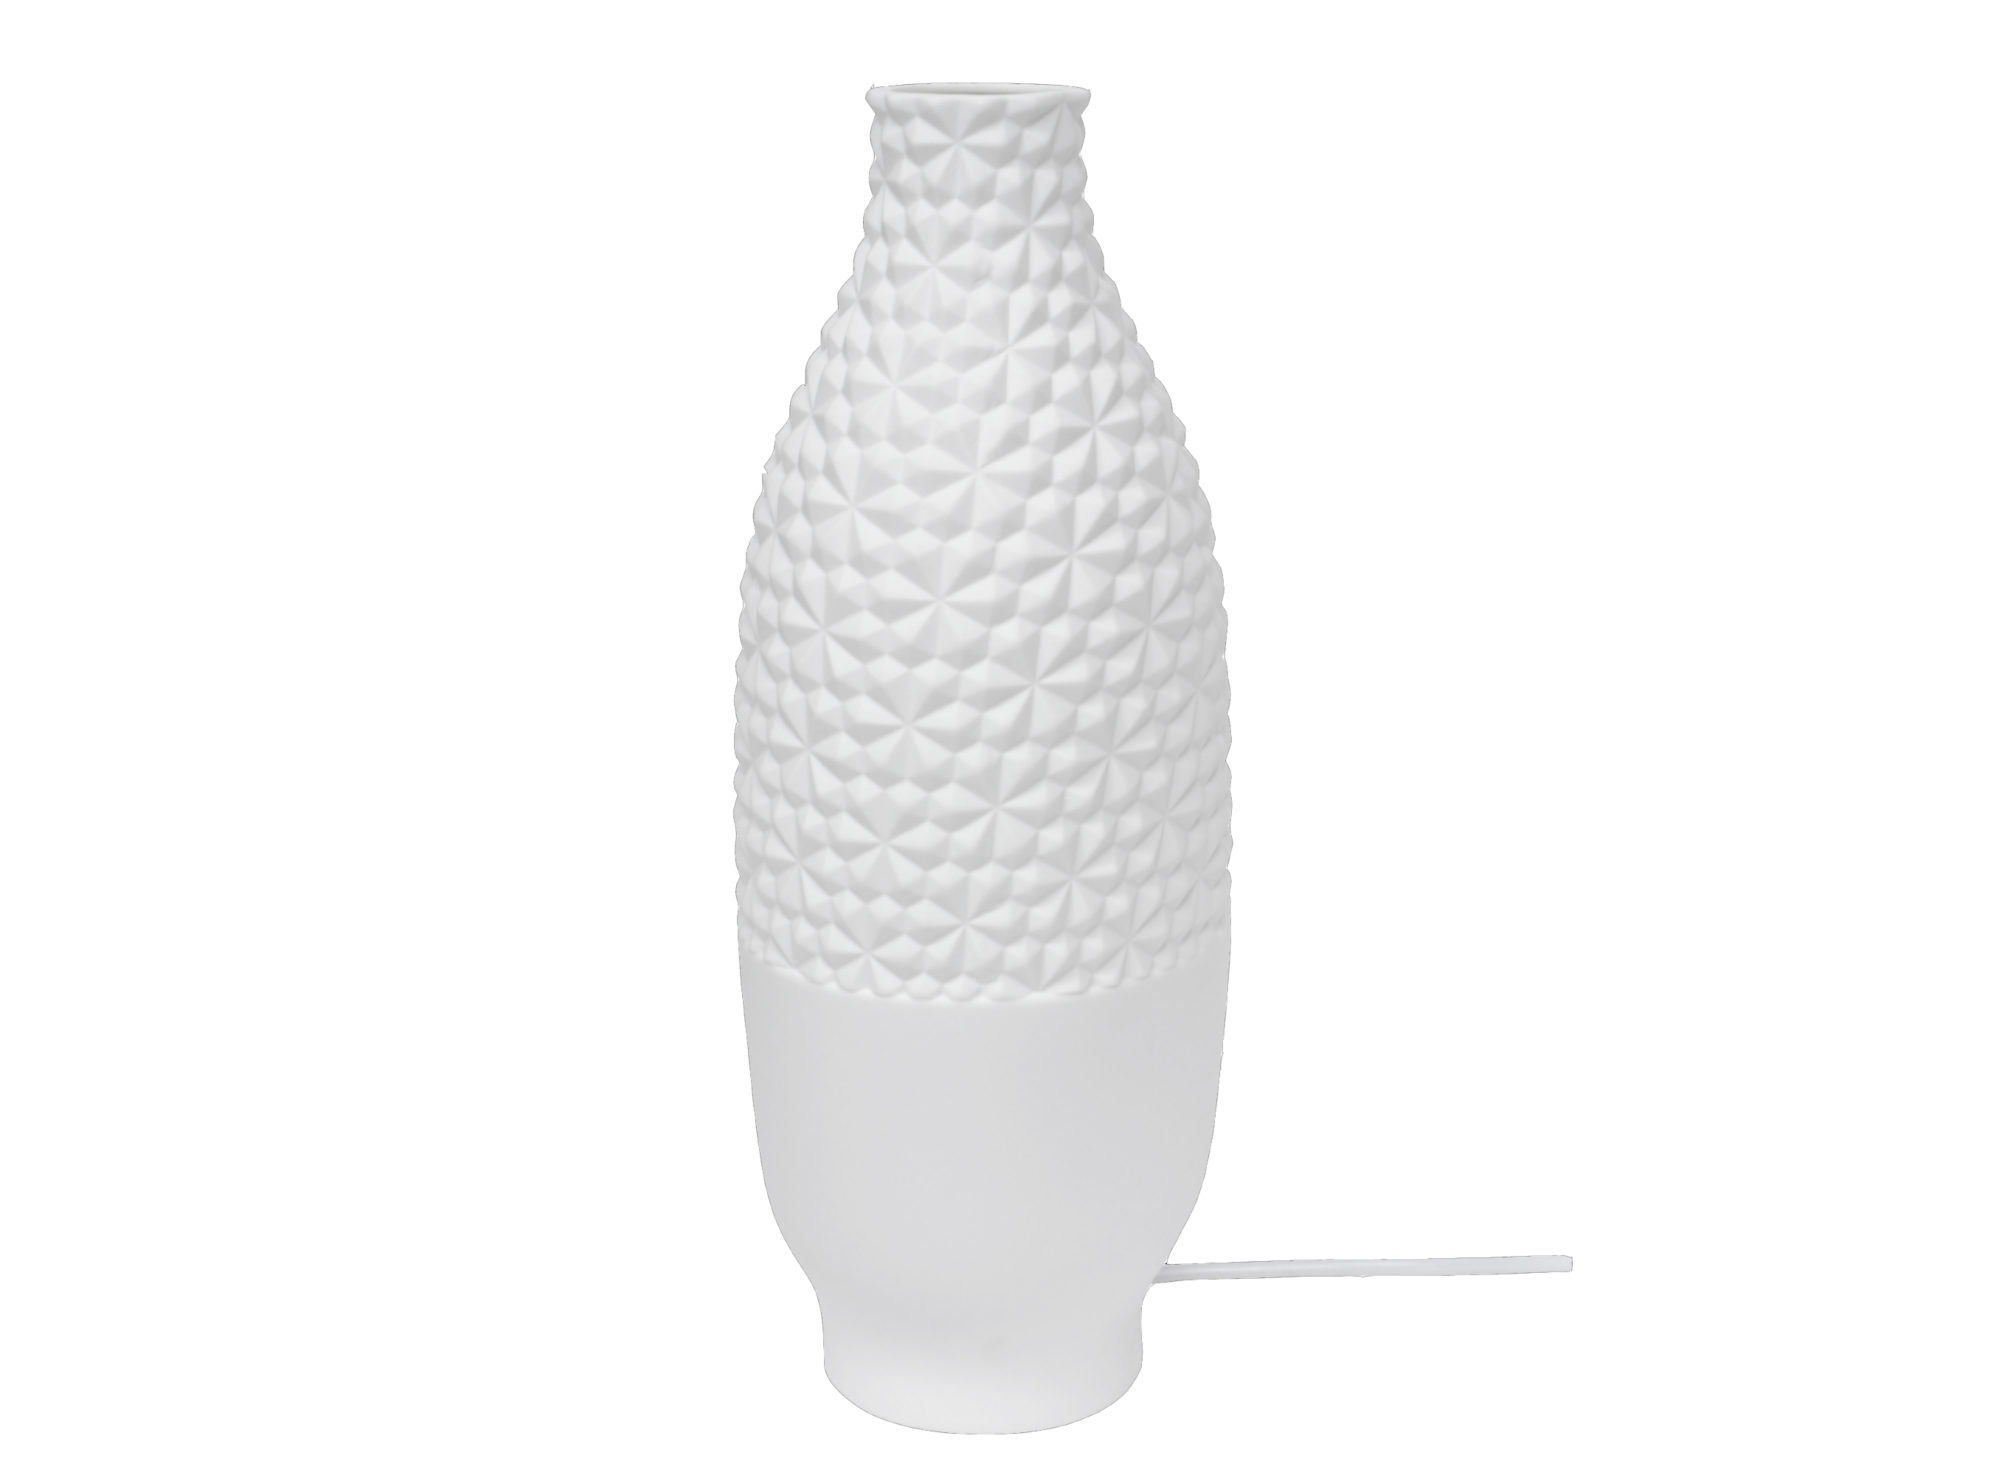 Lampe a poser h38.5cm en porcelaine coloris blanc, vendue avec electr ...